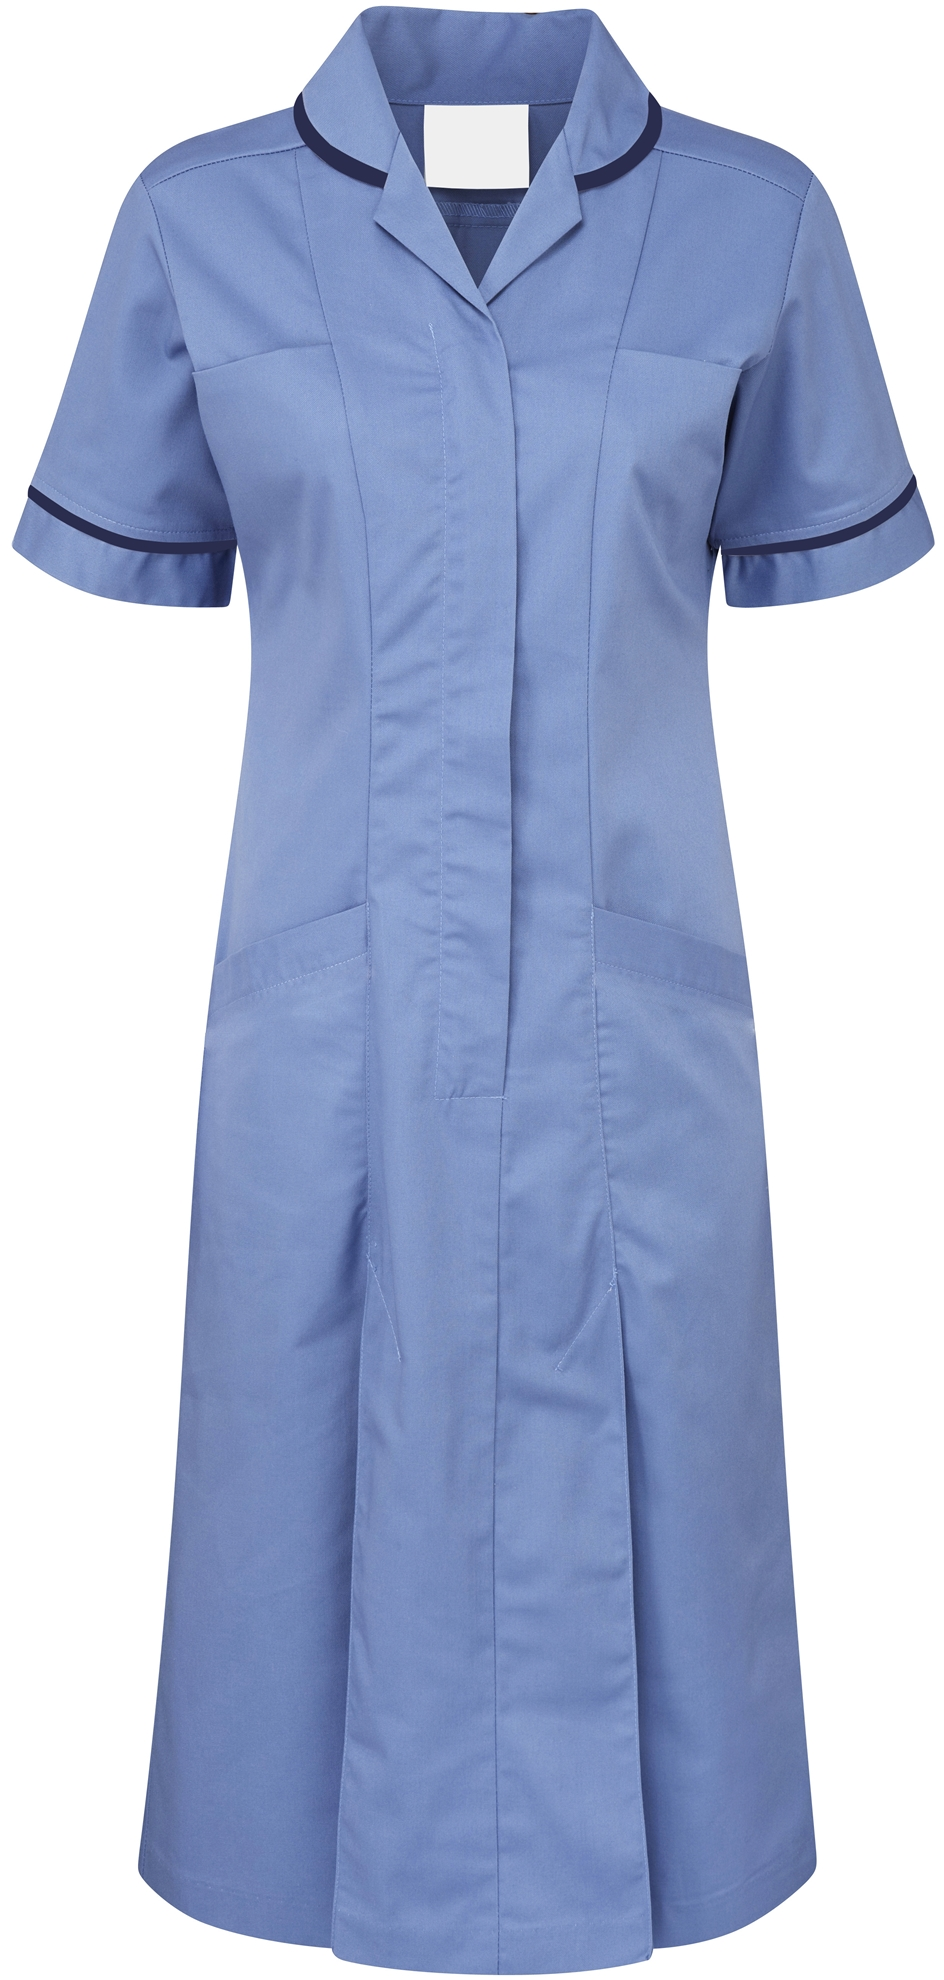 Picture of Plain Colour Dress - Metro Blue/Navy